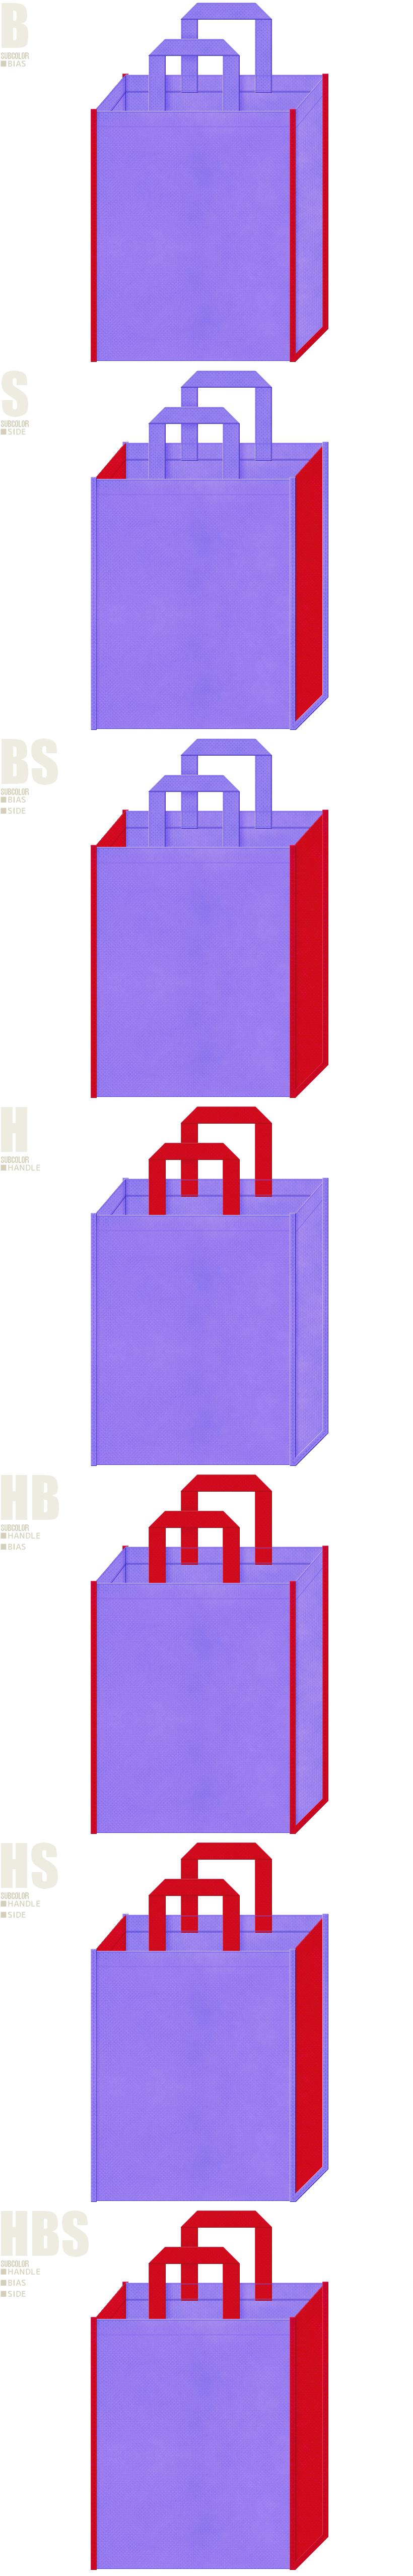 不織布バッグのデザイン:薄紫色と紅色の配色7パターン